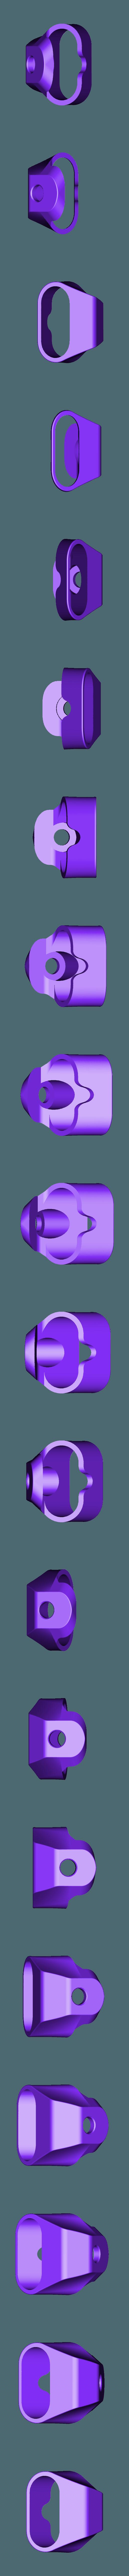 Air_Hose_Mount_v1-6a.STL Télécharger fichier STL gratuit Monture Nautilus (RigidBot E3D v6) • Objet pour impression 3D, WalterHsiao